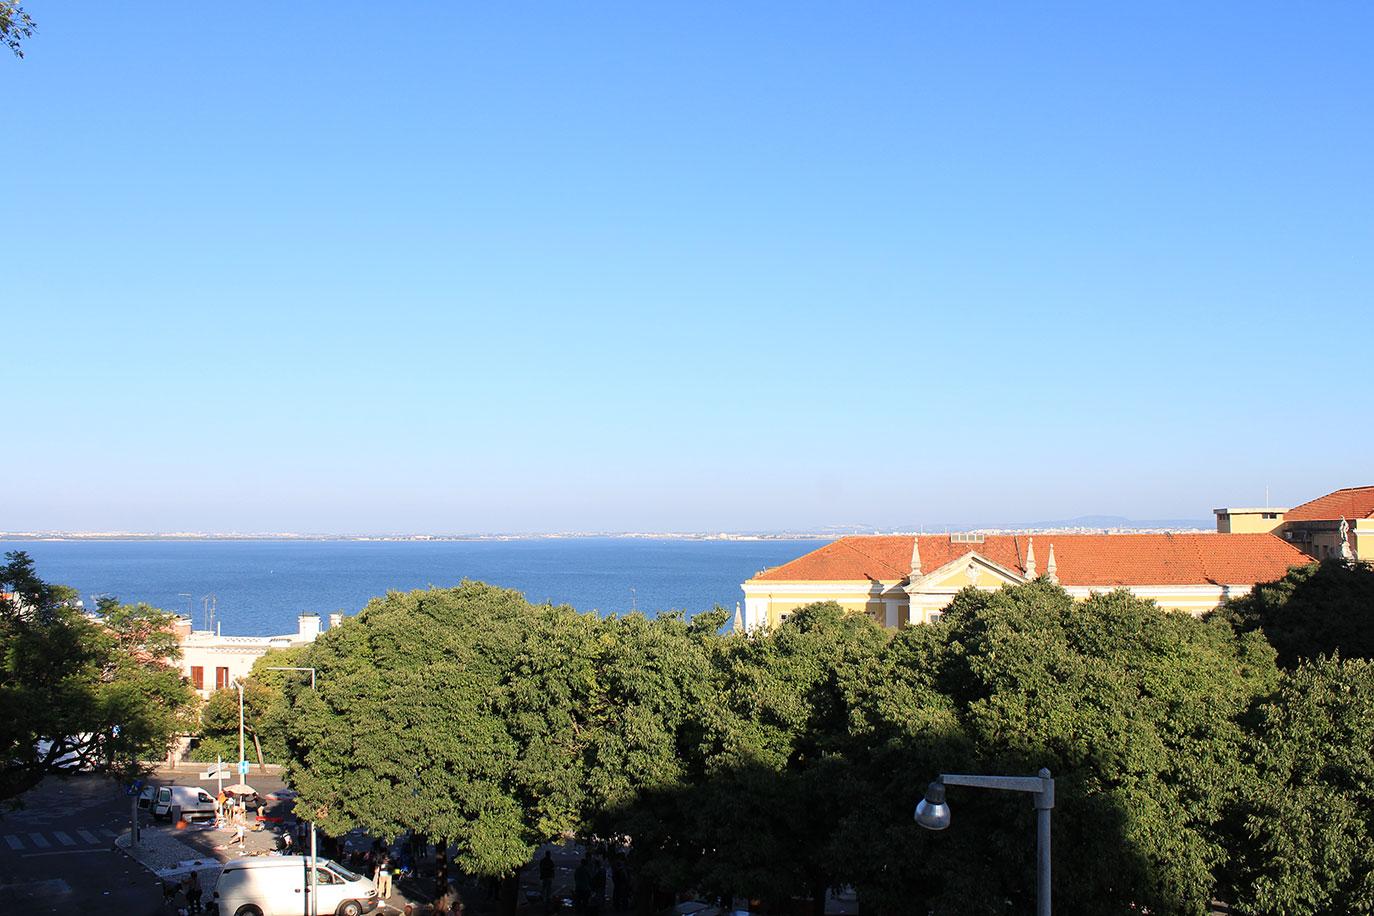 banco de jardim lisboa : banco de jardim lisboa:Miradouro do Jardim Botto Machado em Lisboa • Portugal